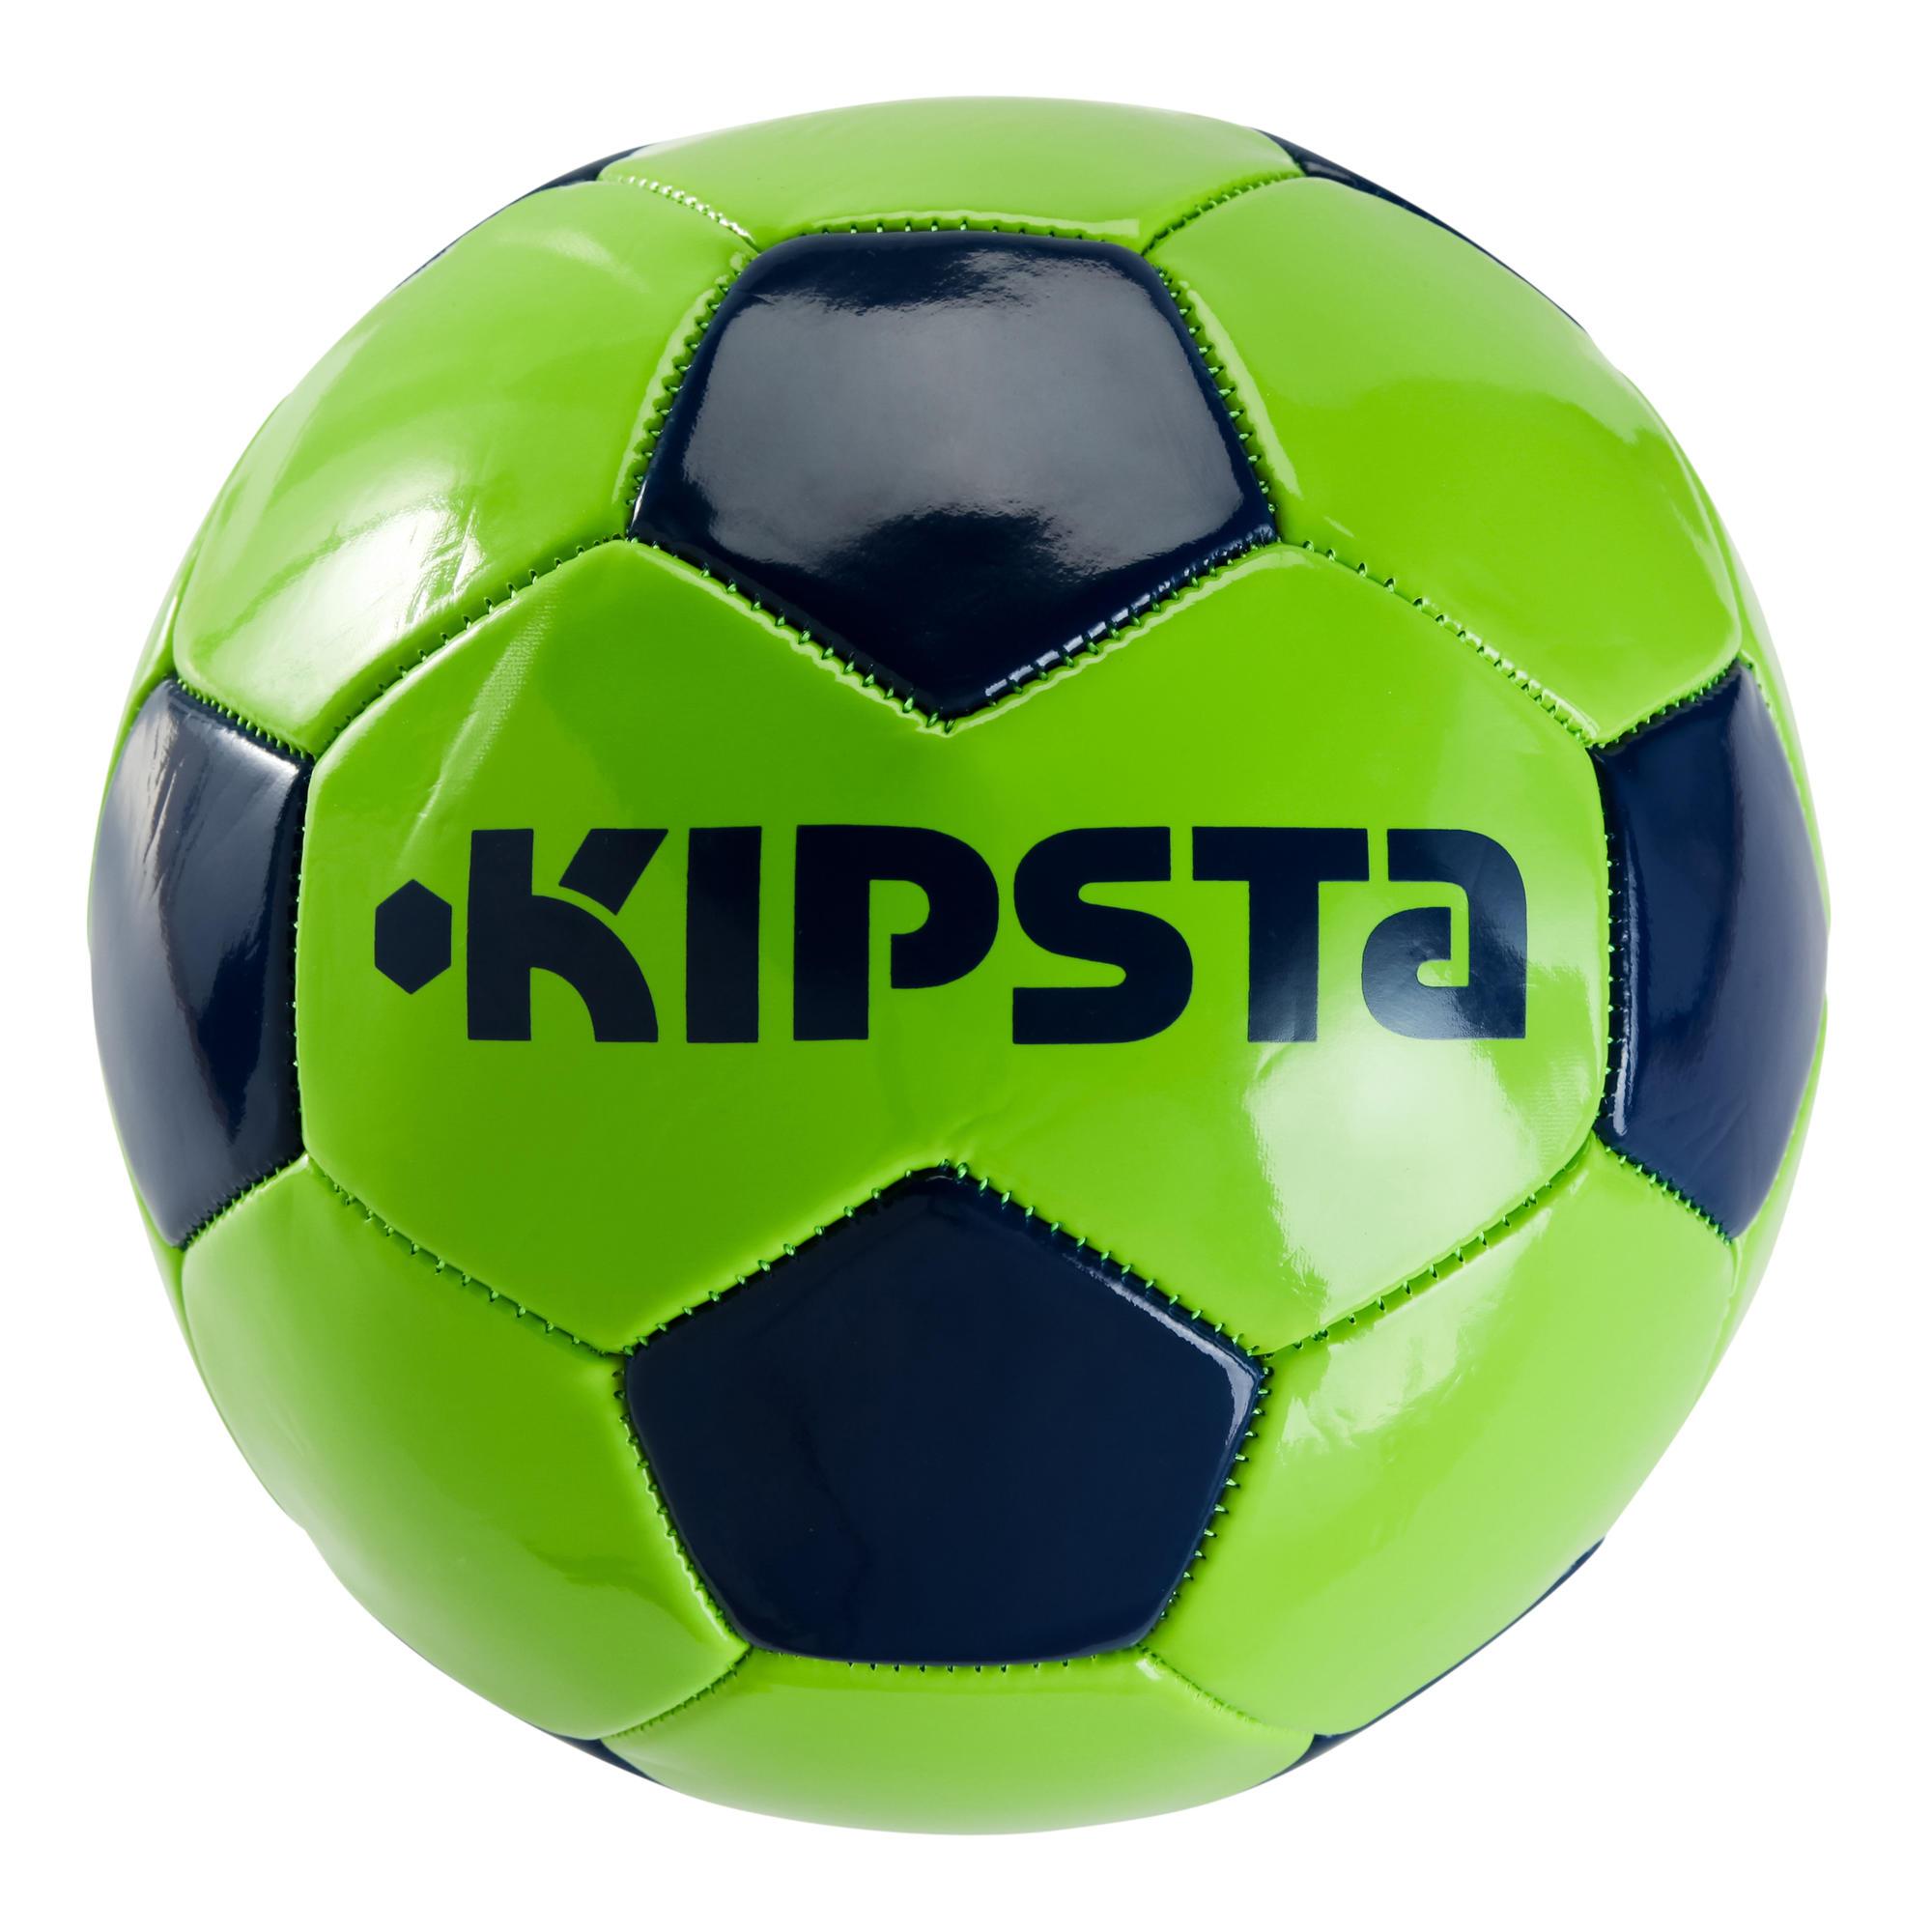 ballon de football first kick taille 5 14ans vert bleu. Black Bedroom Furniture Sets. Home Design Ideas